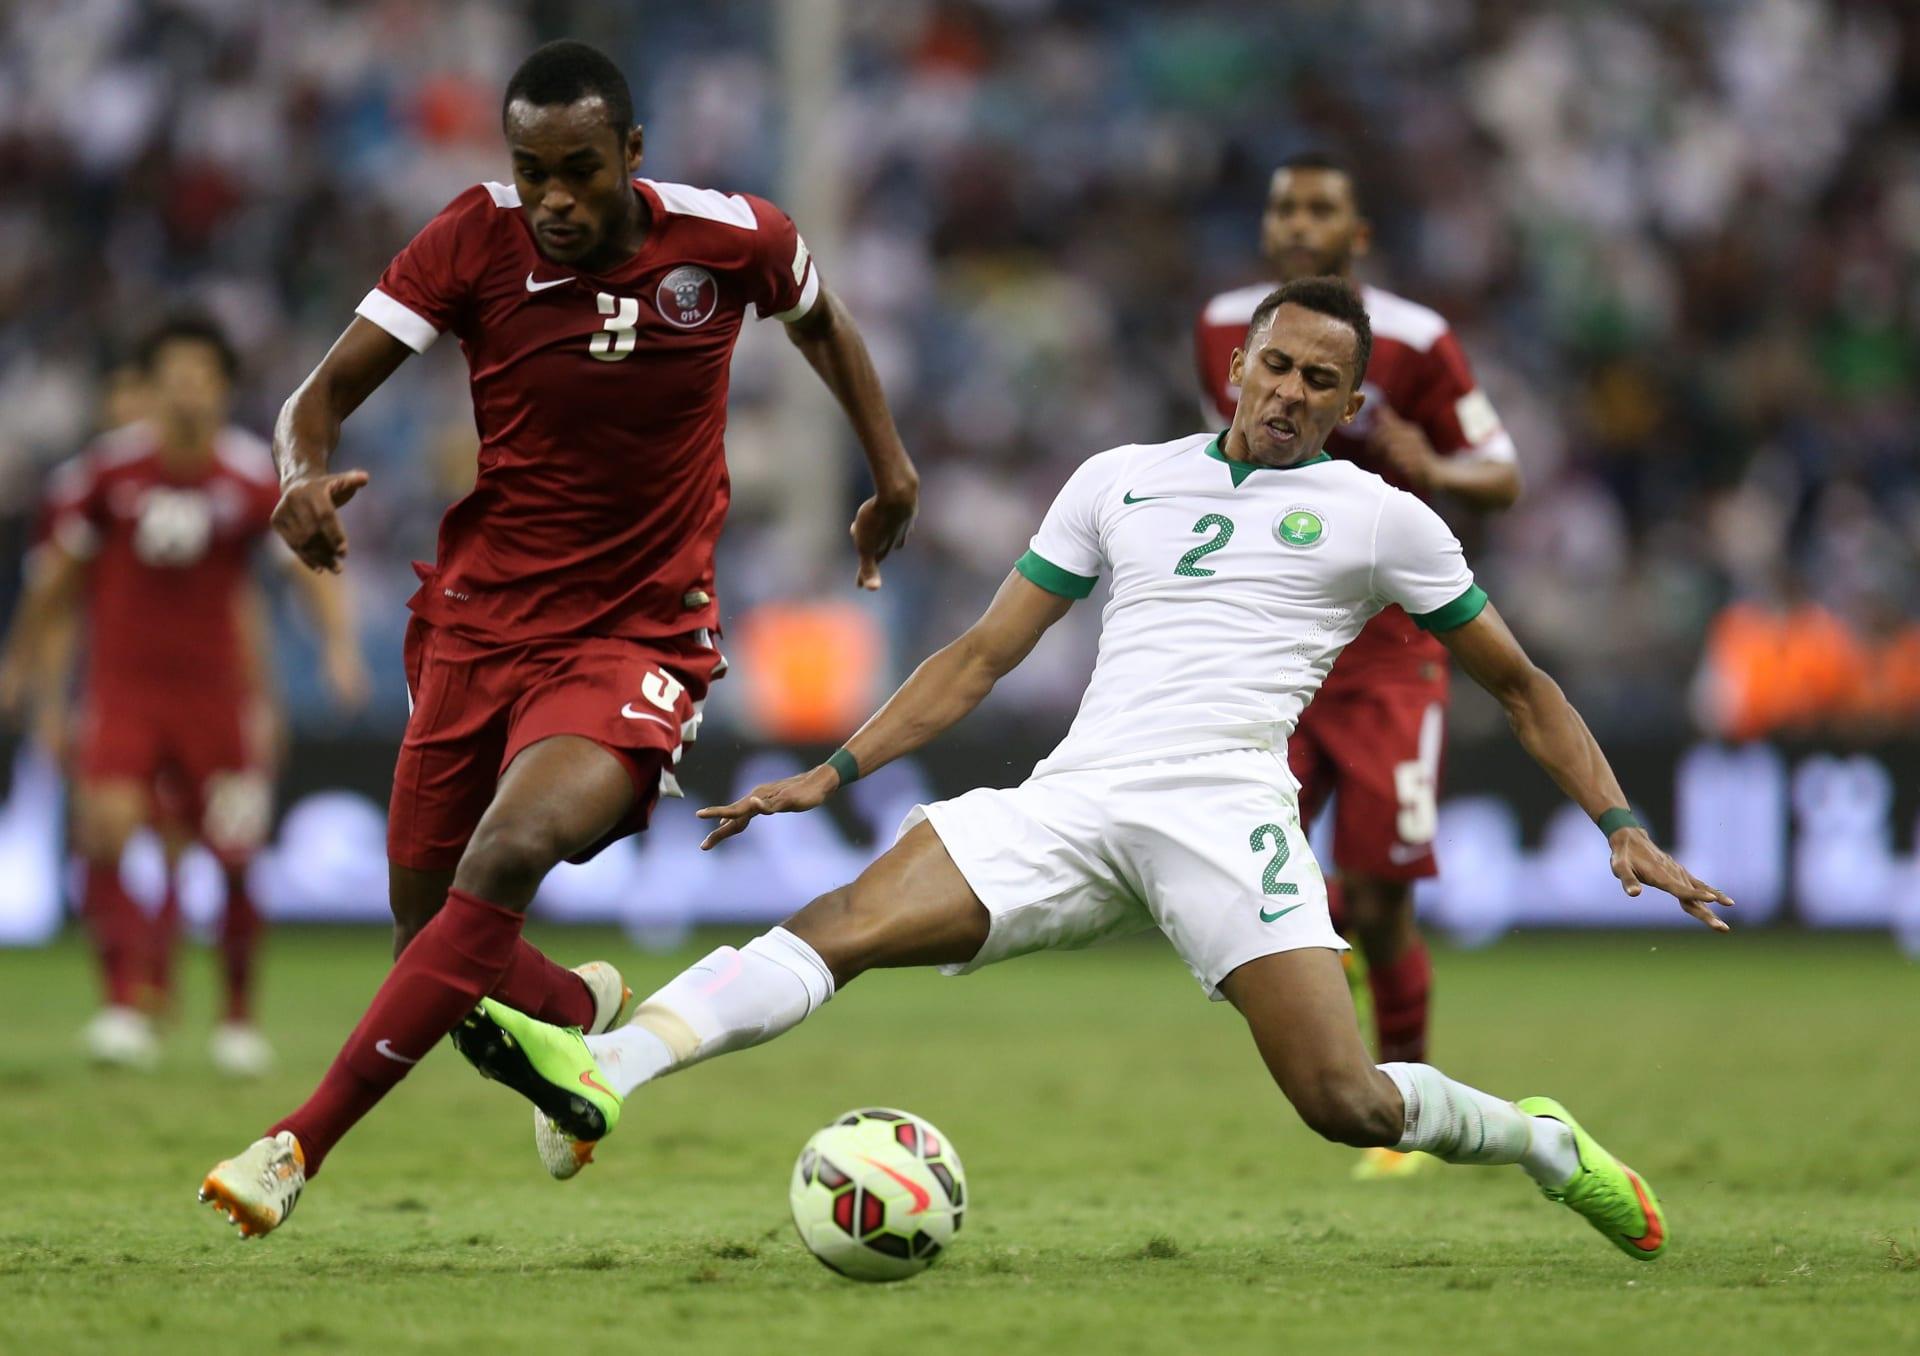 الاتحاد السعودي يوزع تذاكر مجانية لمباراة قطر في كأس آسيا